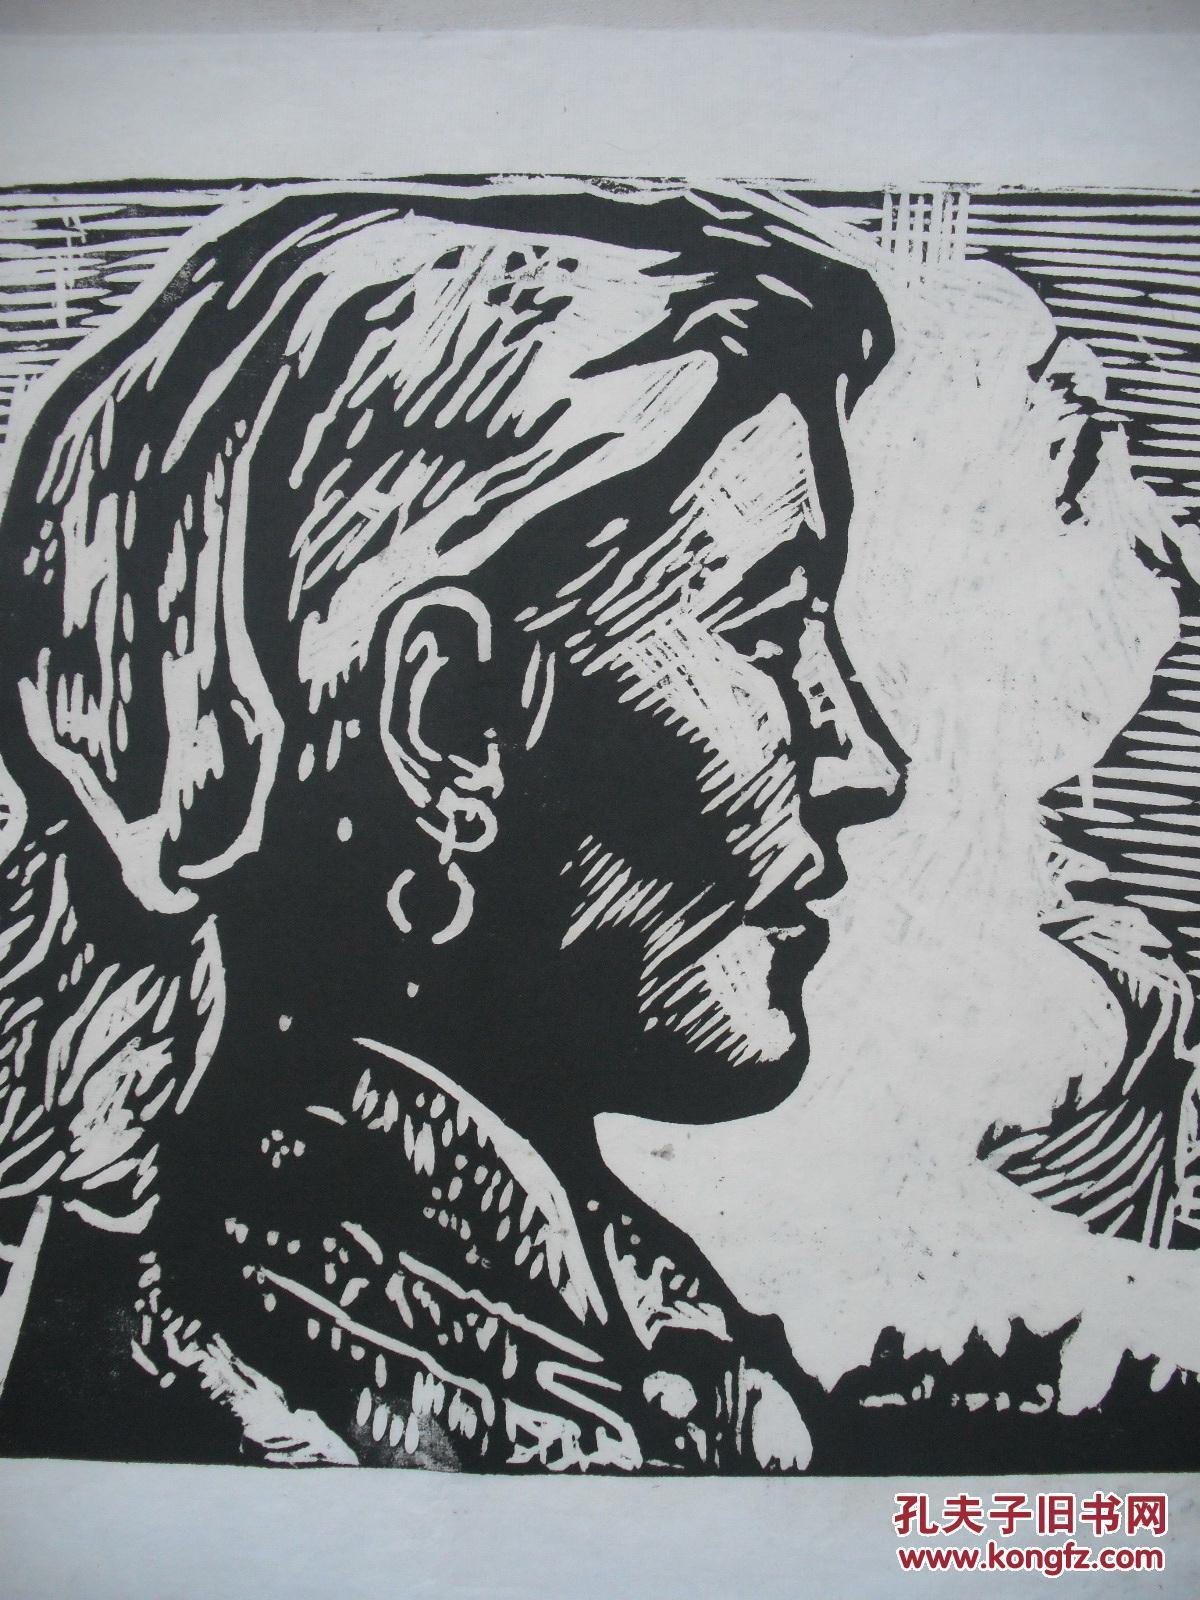 黑白木刻版画 少数民族女孩侧面像图片